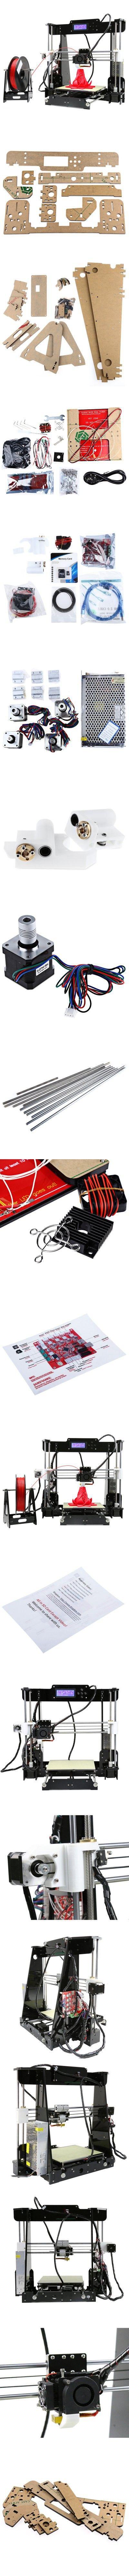 3D Printer & Supplies | A8 Desktop 3D Printer Prusa i3 DIY Kit